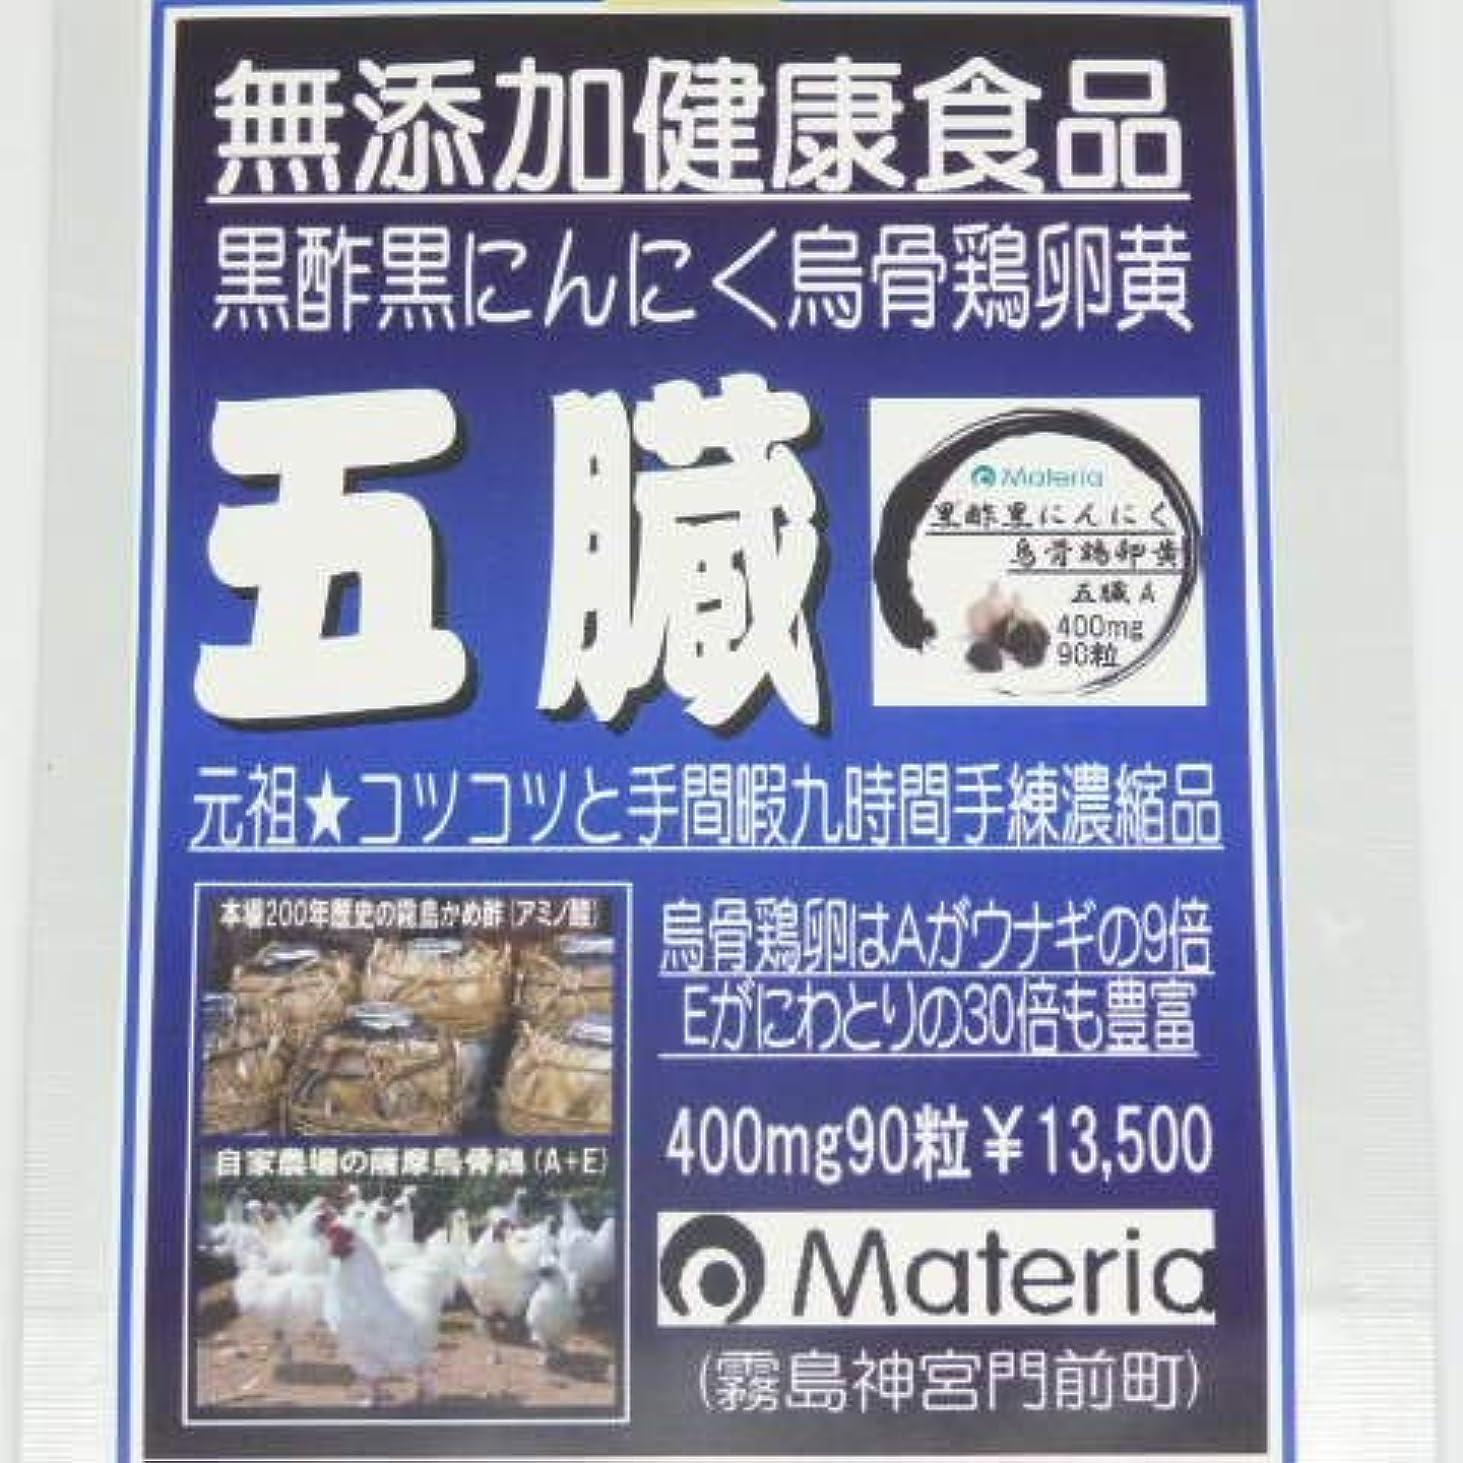 愛撫カリングシーボード無添加健康食品/黒酢黒にんにく卵黄/五臓A系(90粒90日分)¥13,500